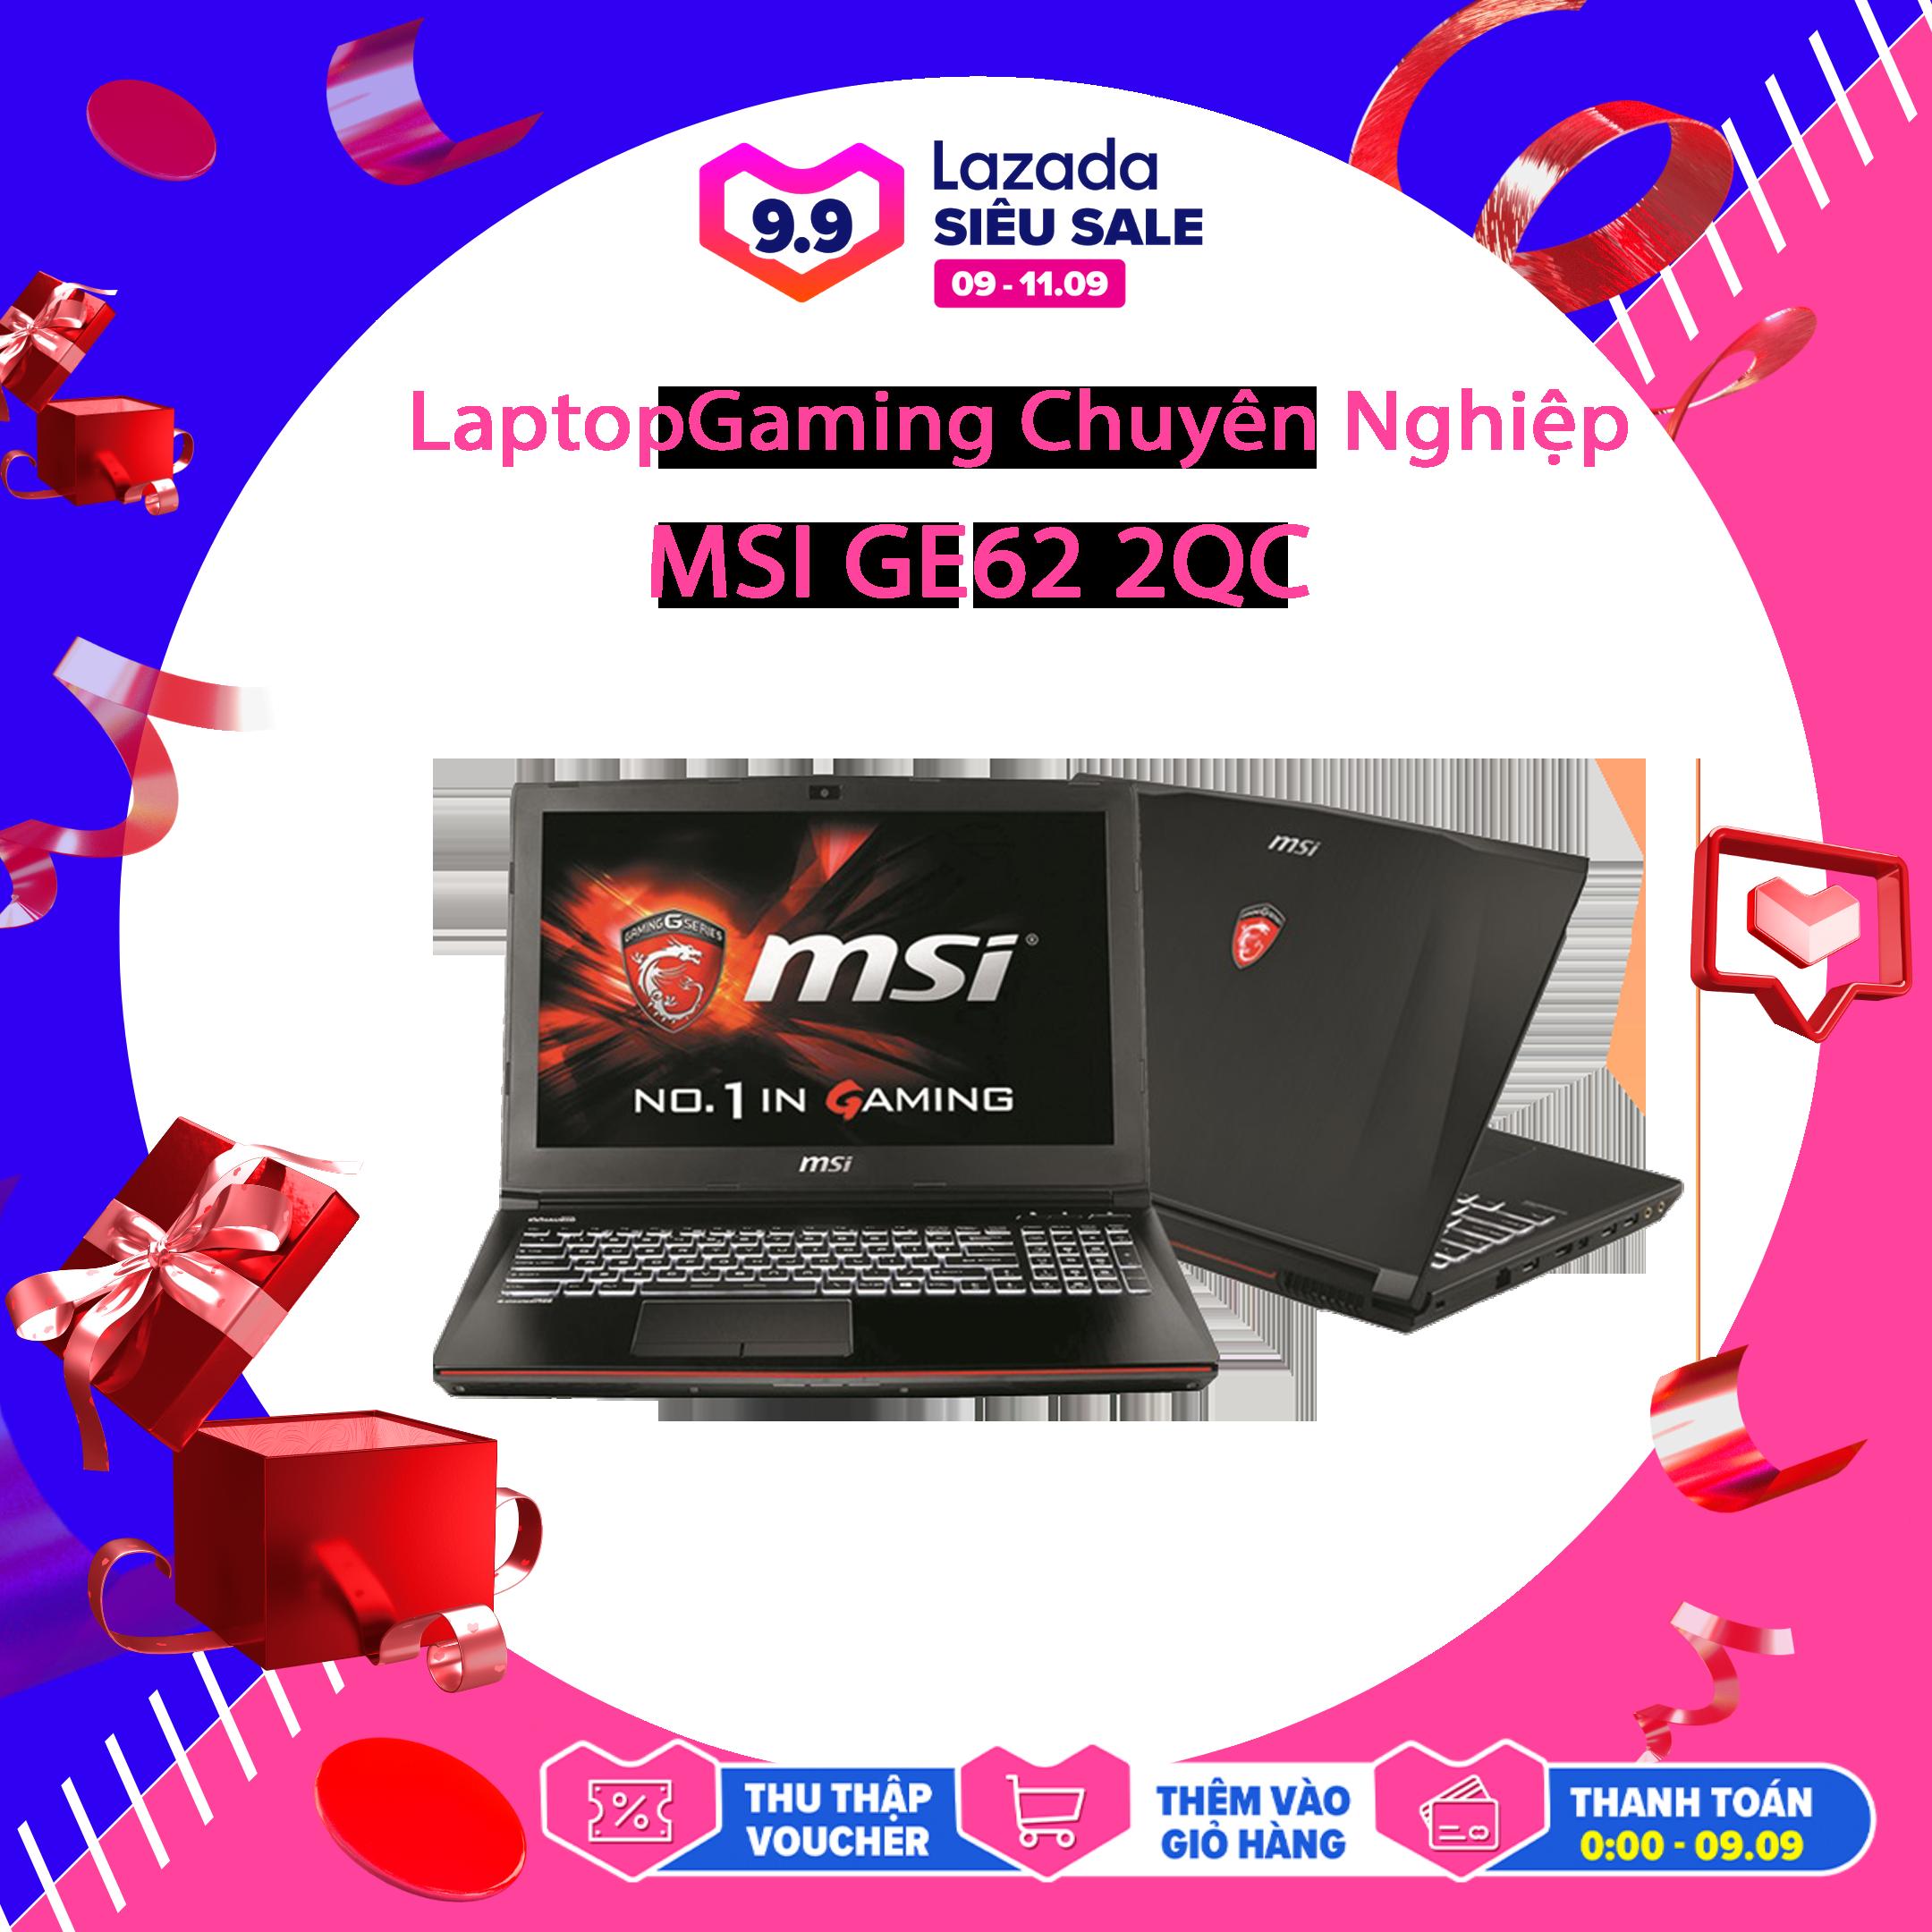 Latop Chơi Game Chuyên Nghiệp, Laptop Gaming MSI GE62 2QC, i5-4210H, HDD 1Tb, VGA Rời Nvidia GTX 960M-2G, Màn 15.6 FullHD, LaptopLC298